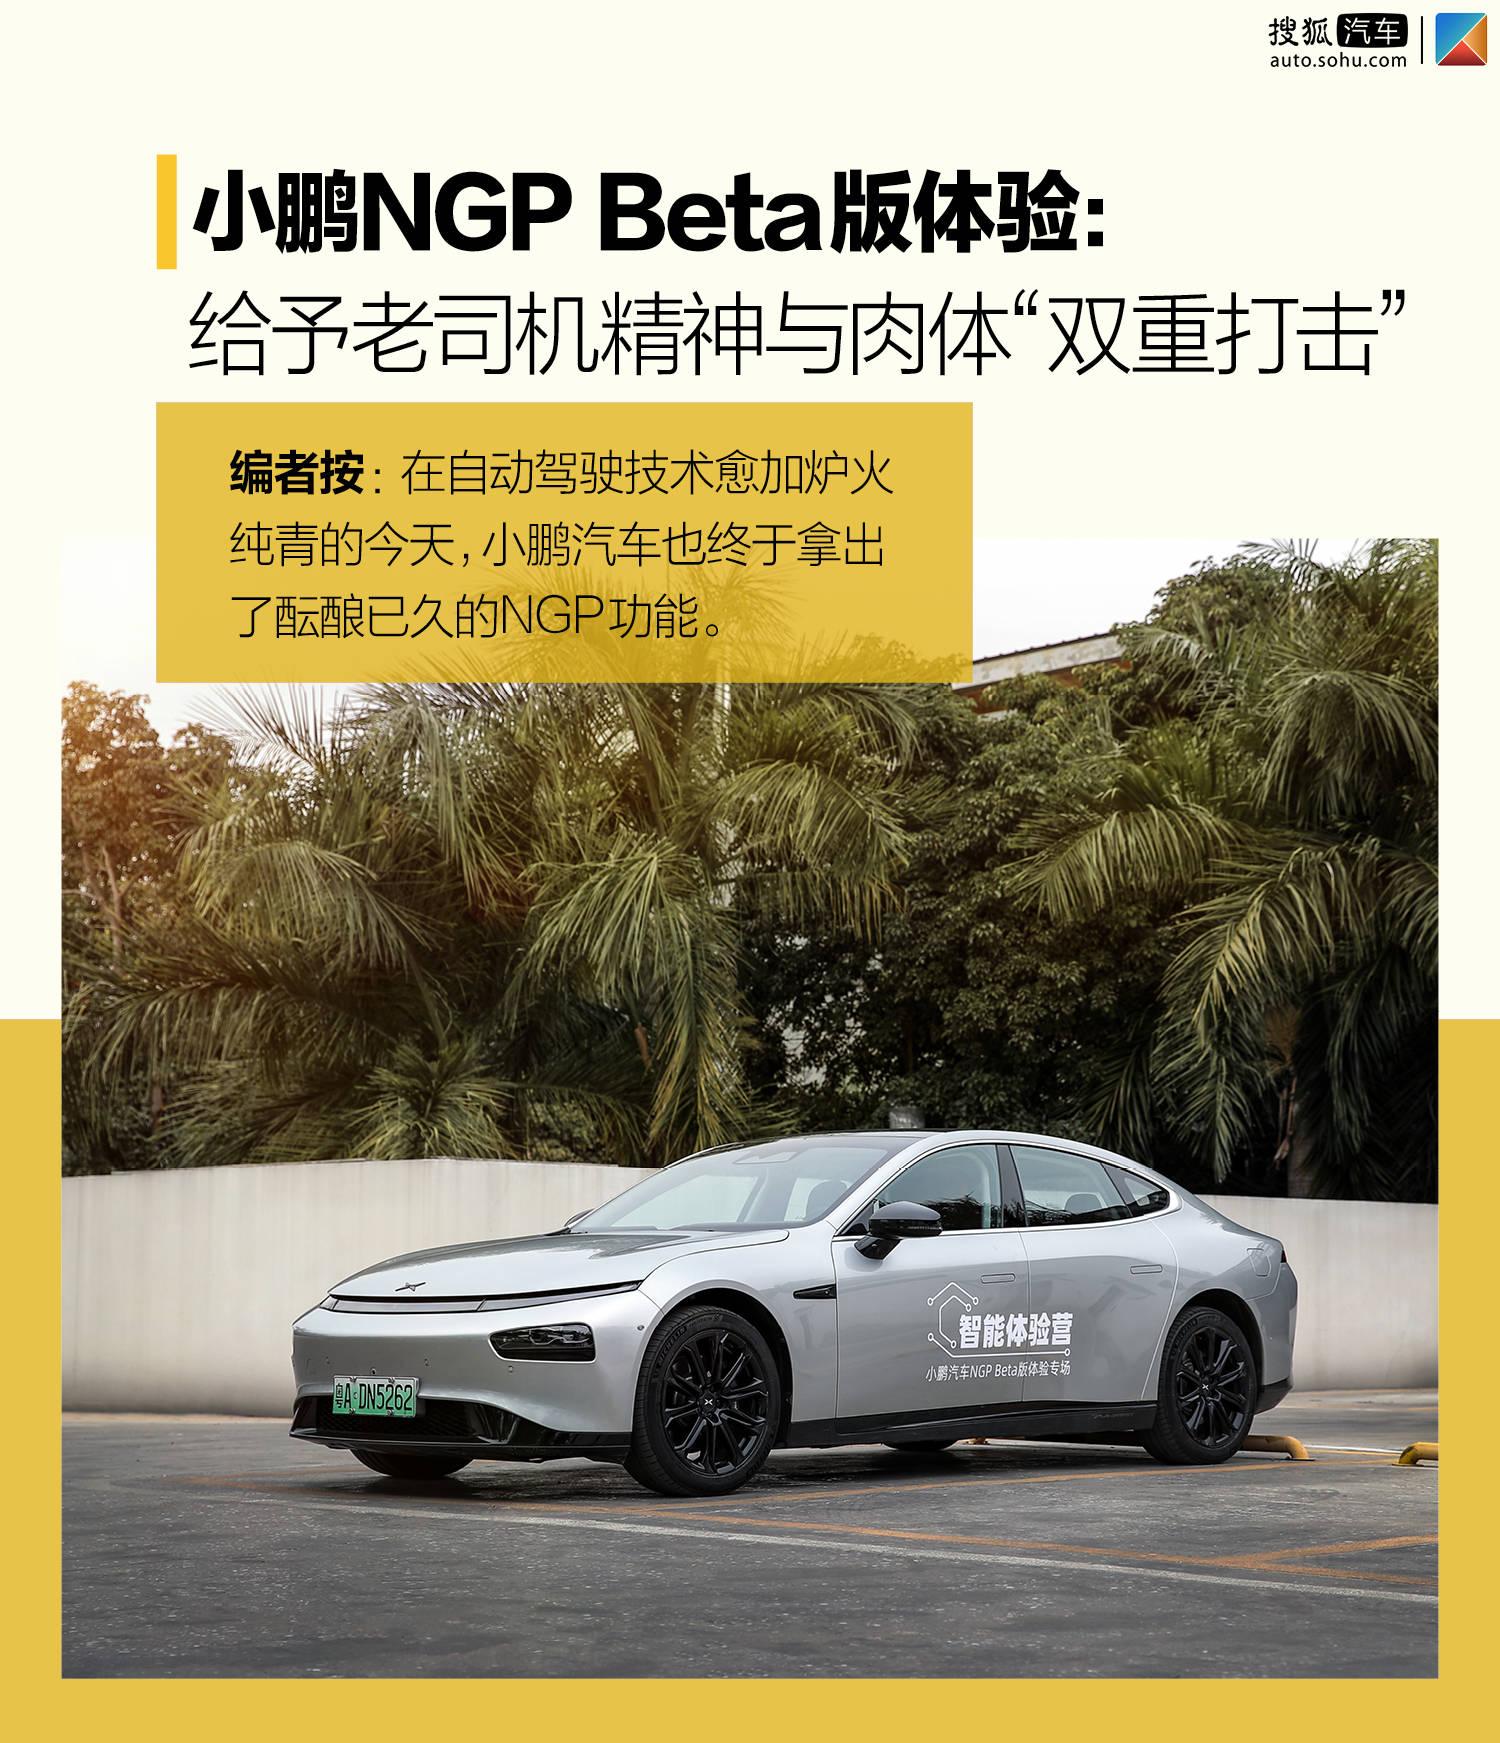 """原创小鹏NGP测试版体验:给老司机精神和身体上的""""双重打击"""""""